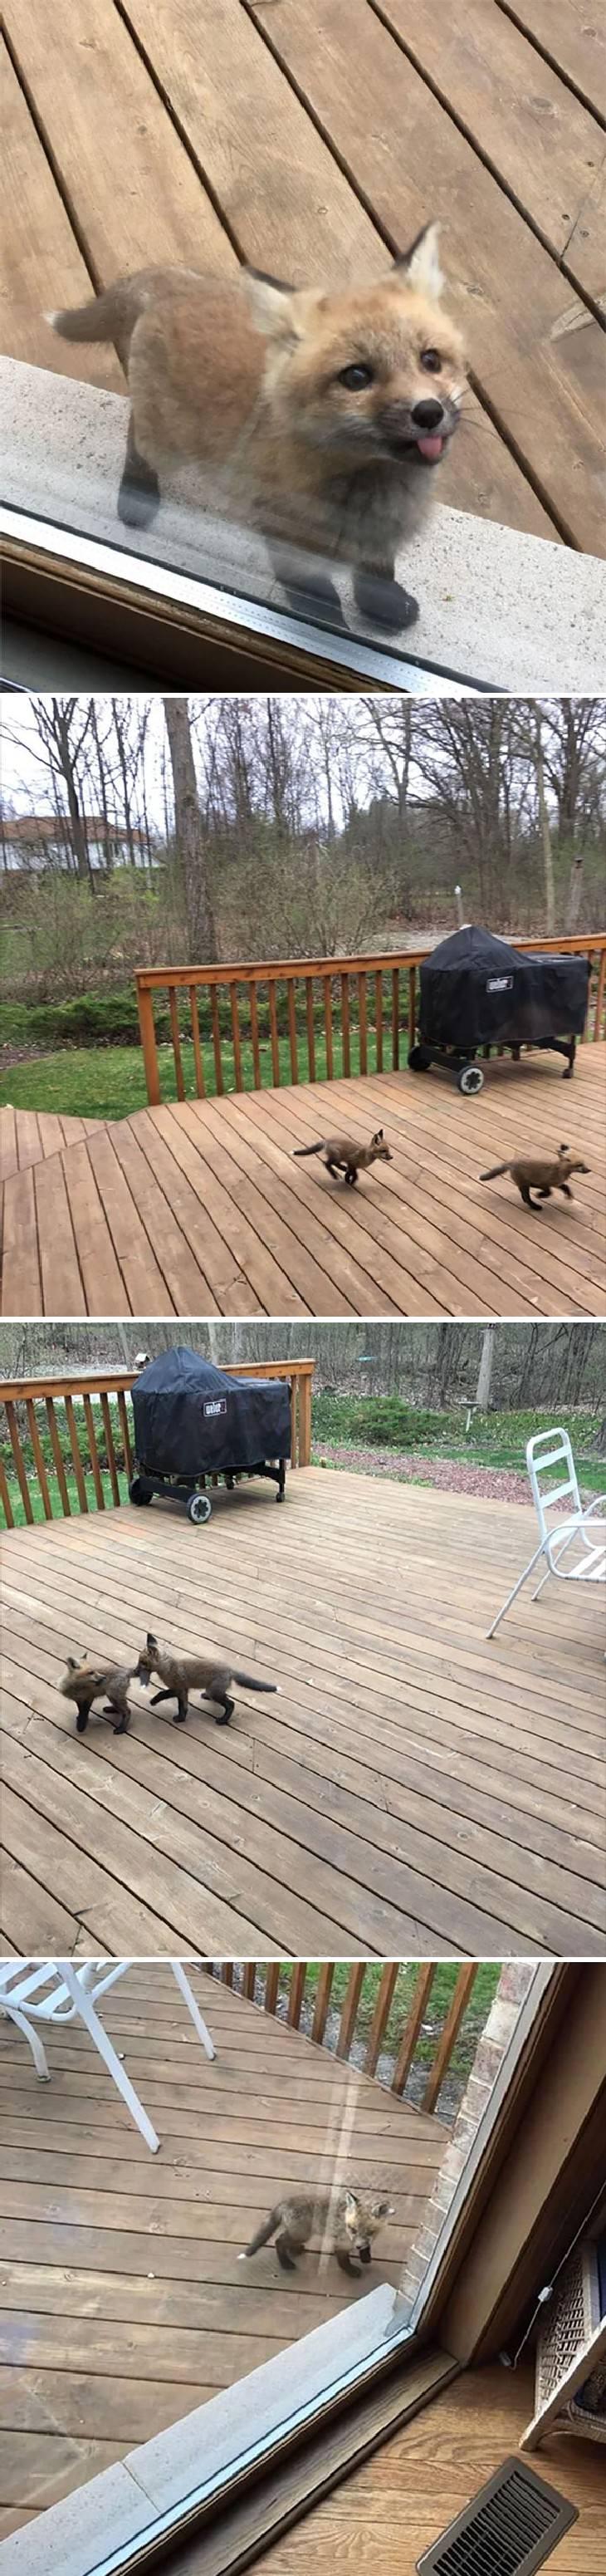 """2. """"Zorros bebés aparecieron para saludar en la casa de mi abuela"""""""